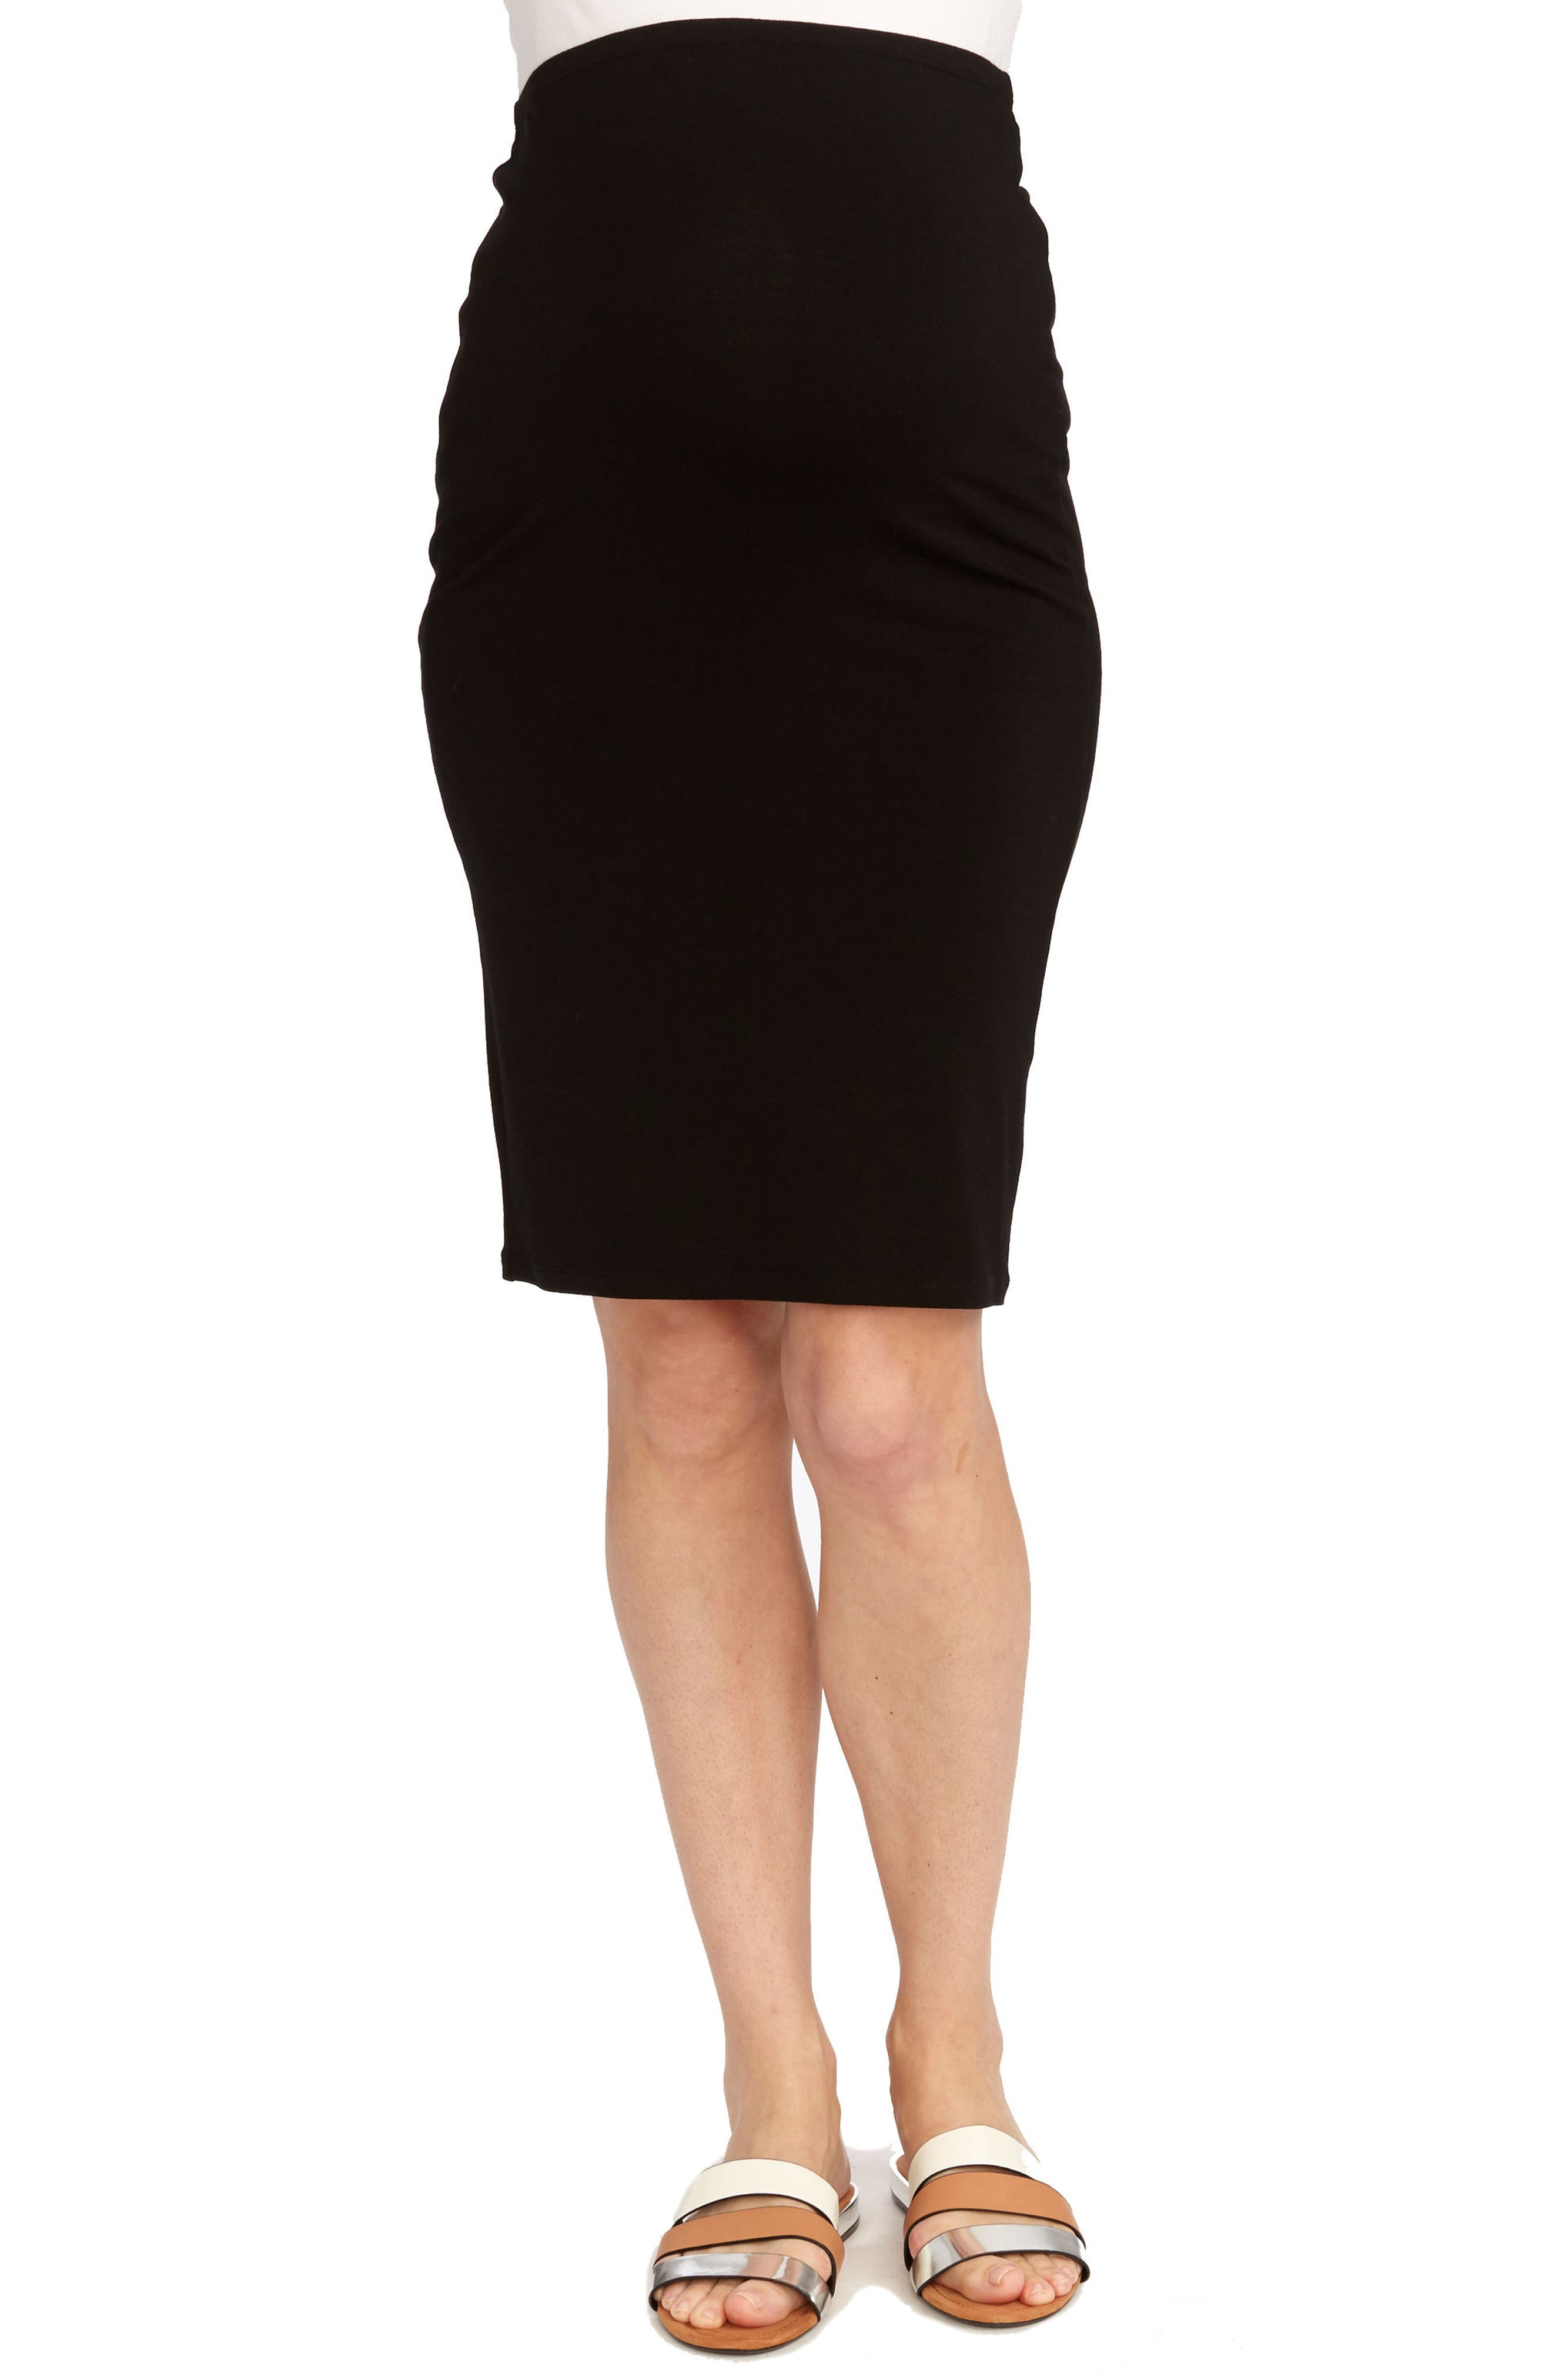 Adeline Maternity Skirt,                         Main,                         color, Black